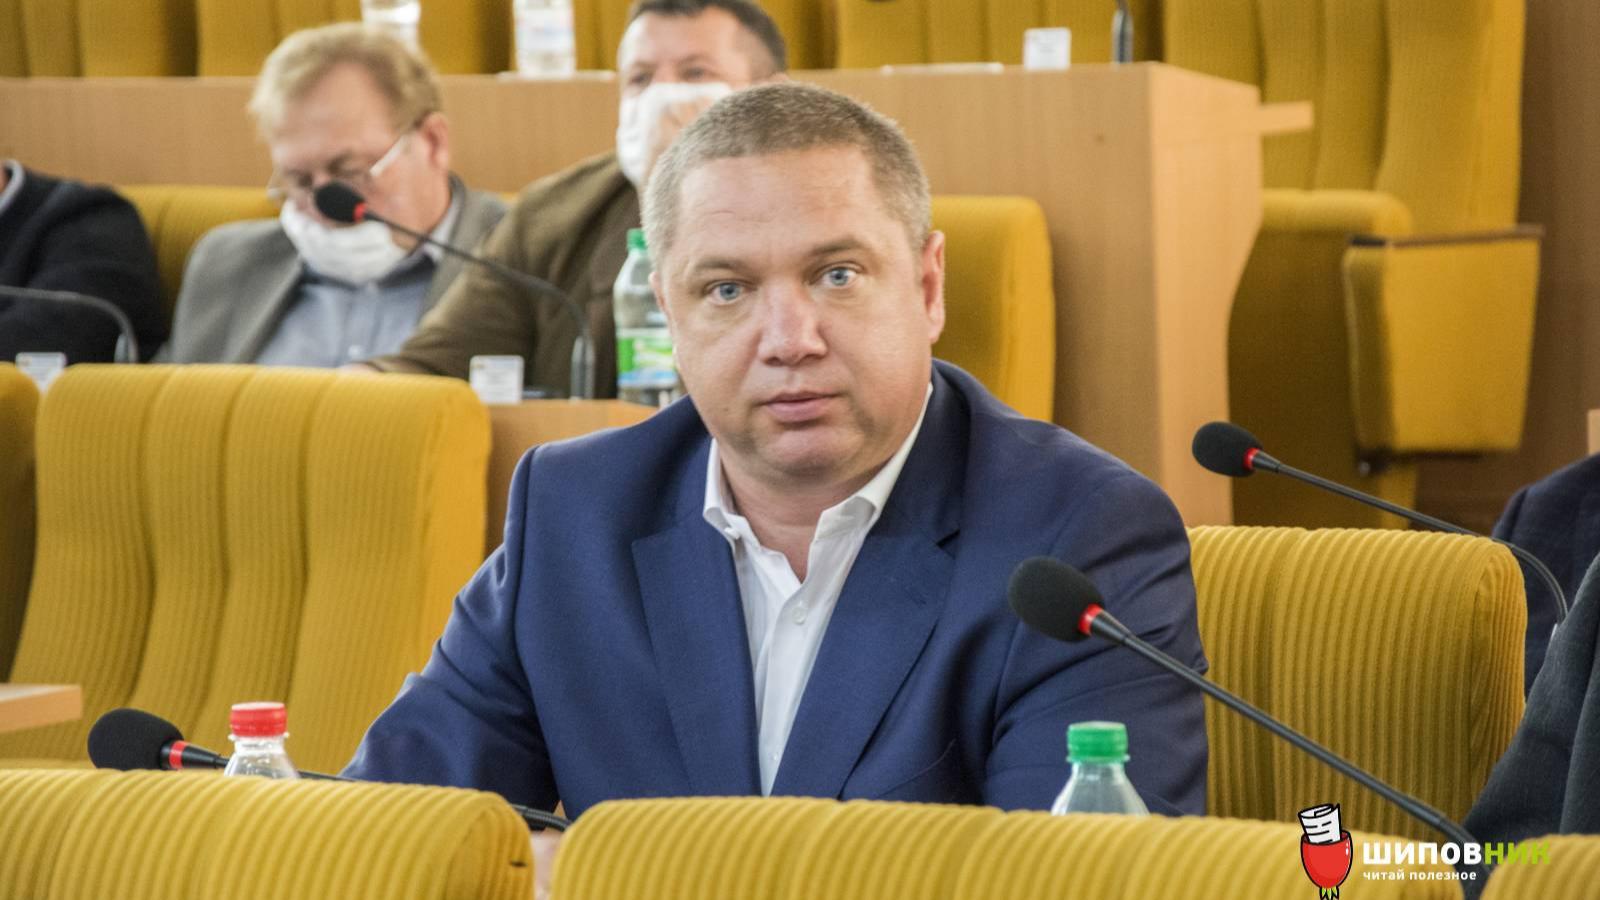 Кормышкин негативно оценил работу Сенкевича в должности мэра Николаева